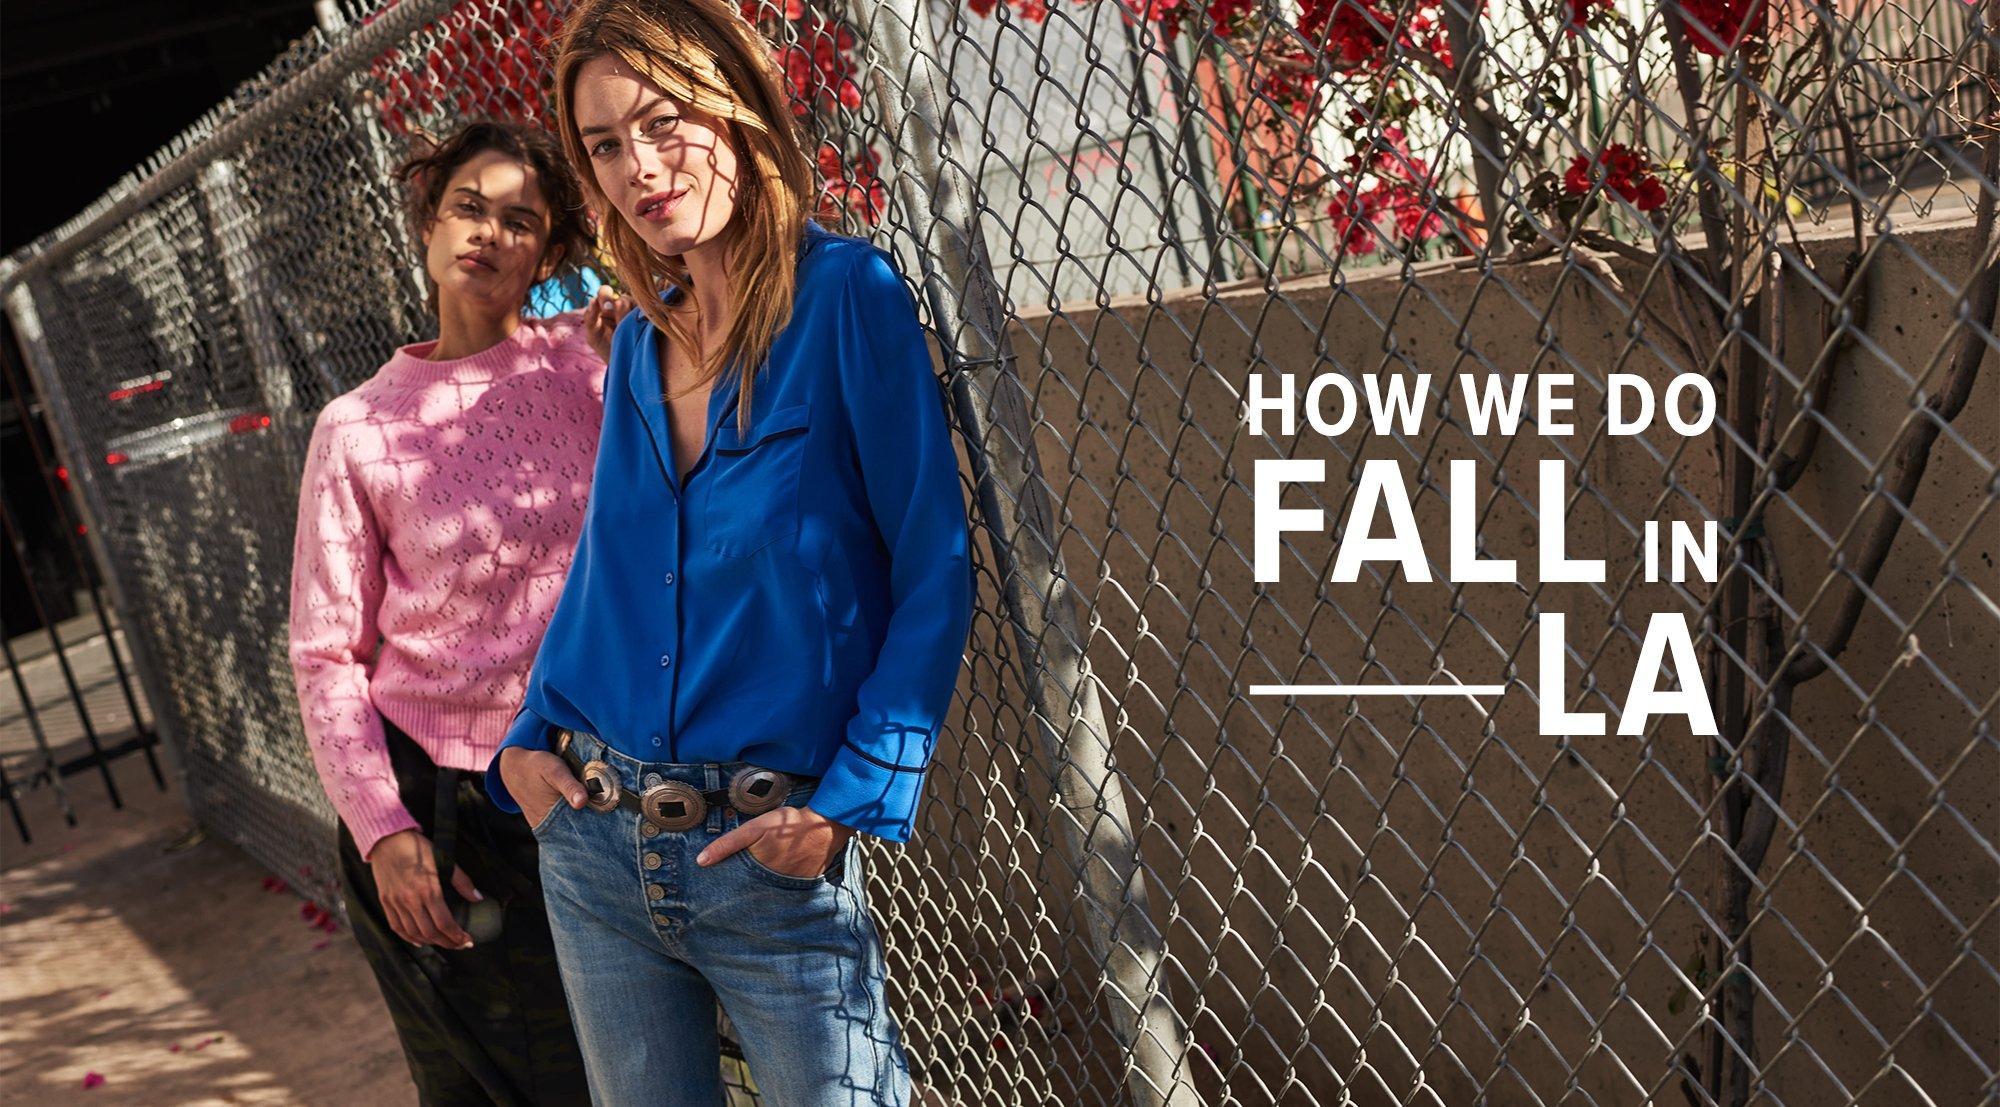 Fall In LA